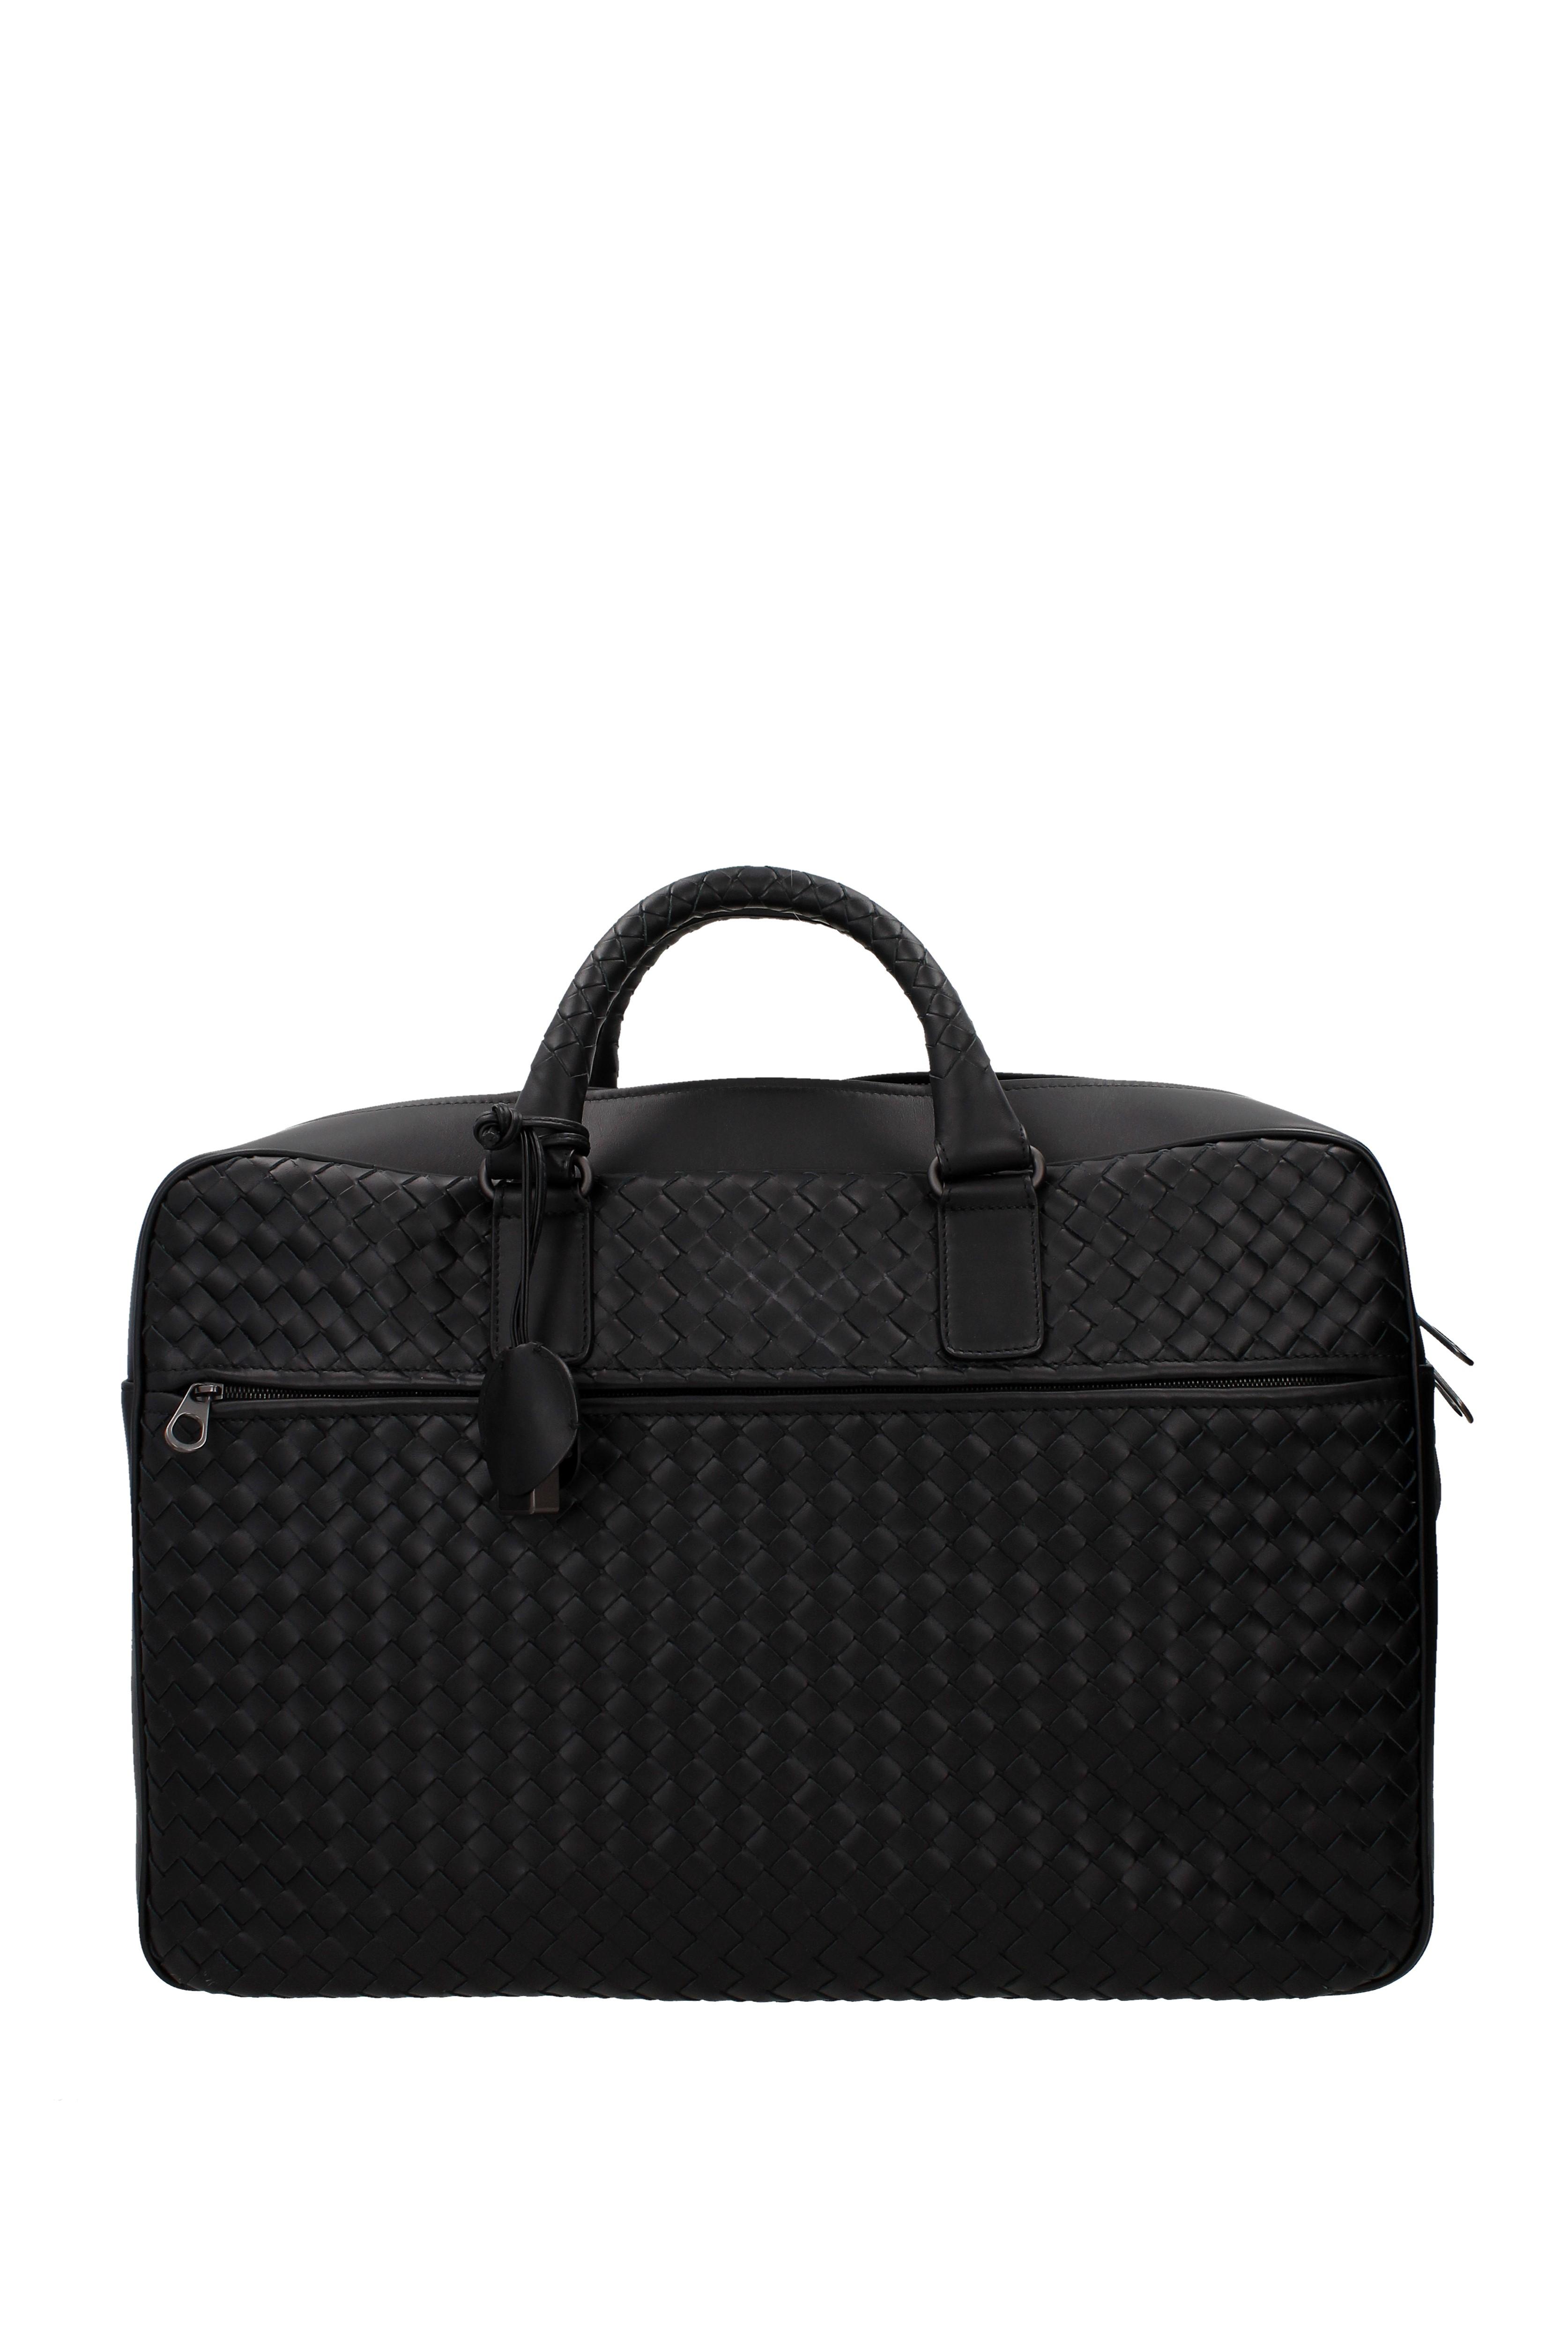 8945b9b1232 Work-bags-Bottega-Veneta-Men-Leather-246615V4651